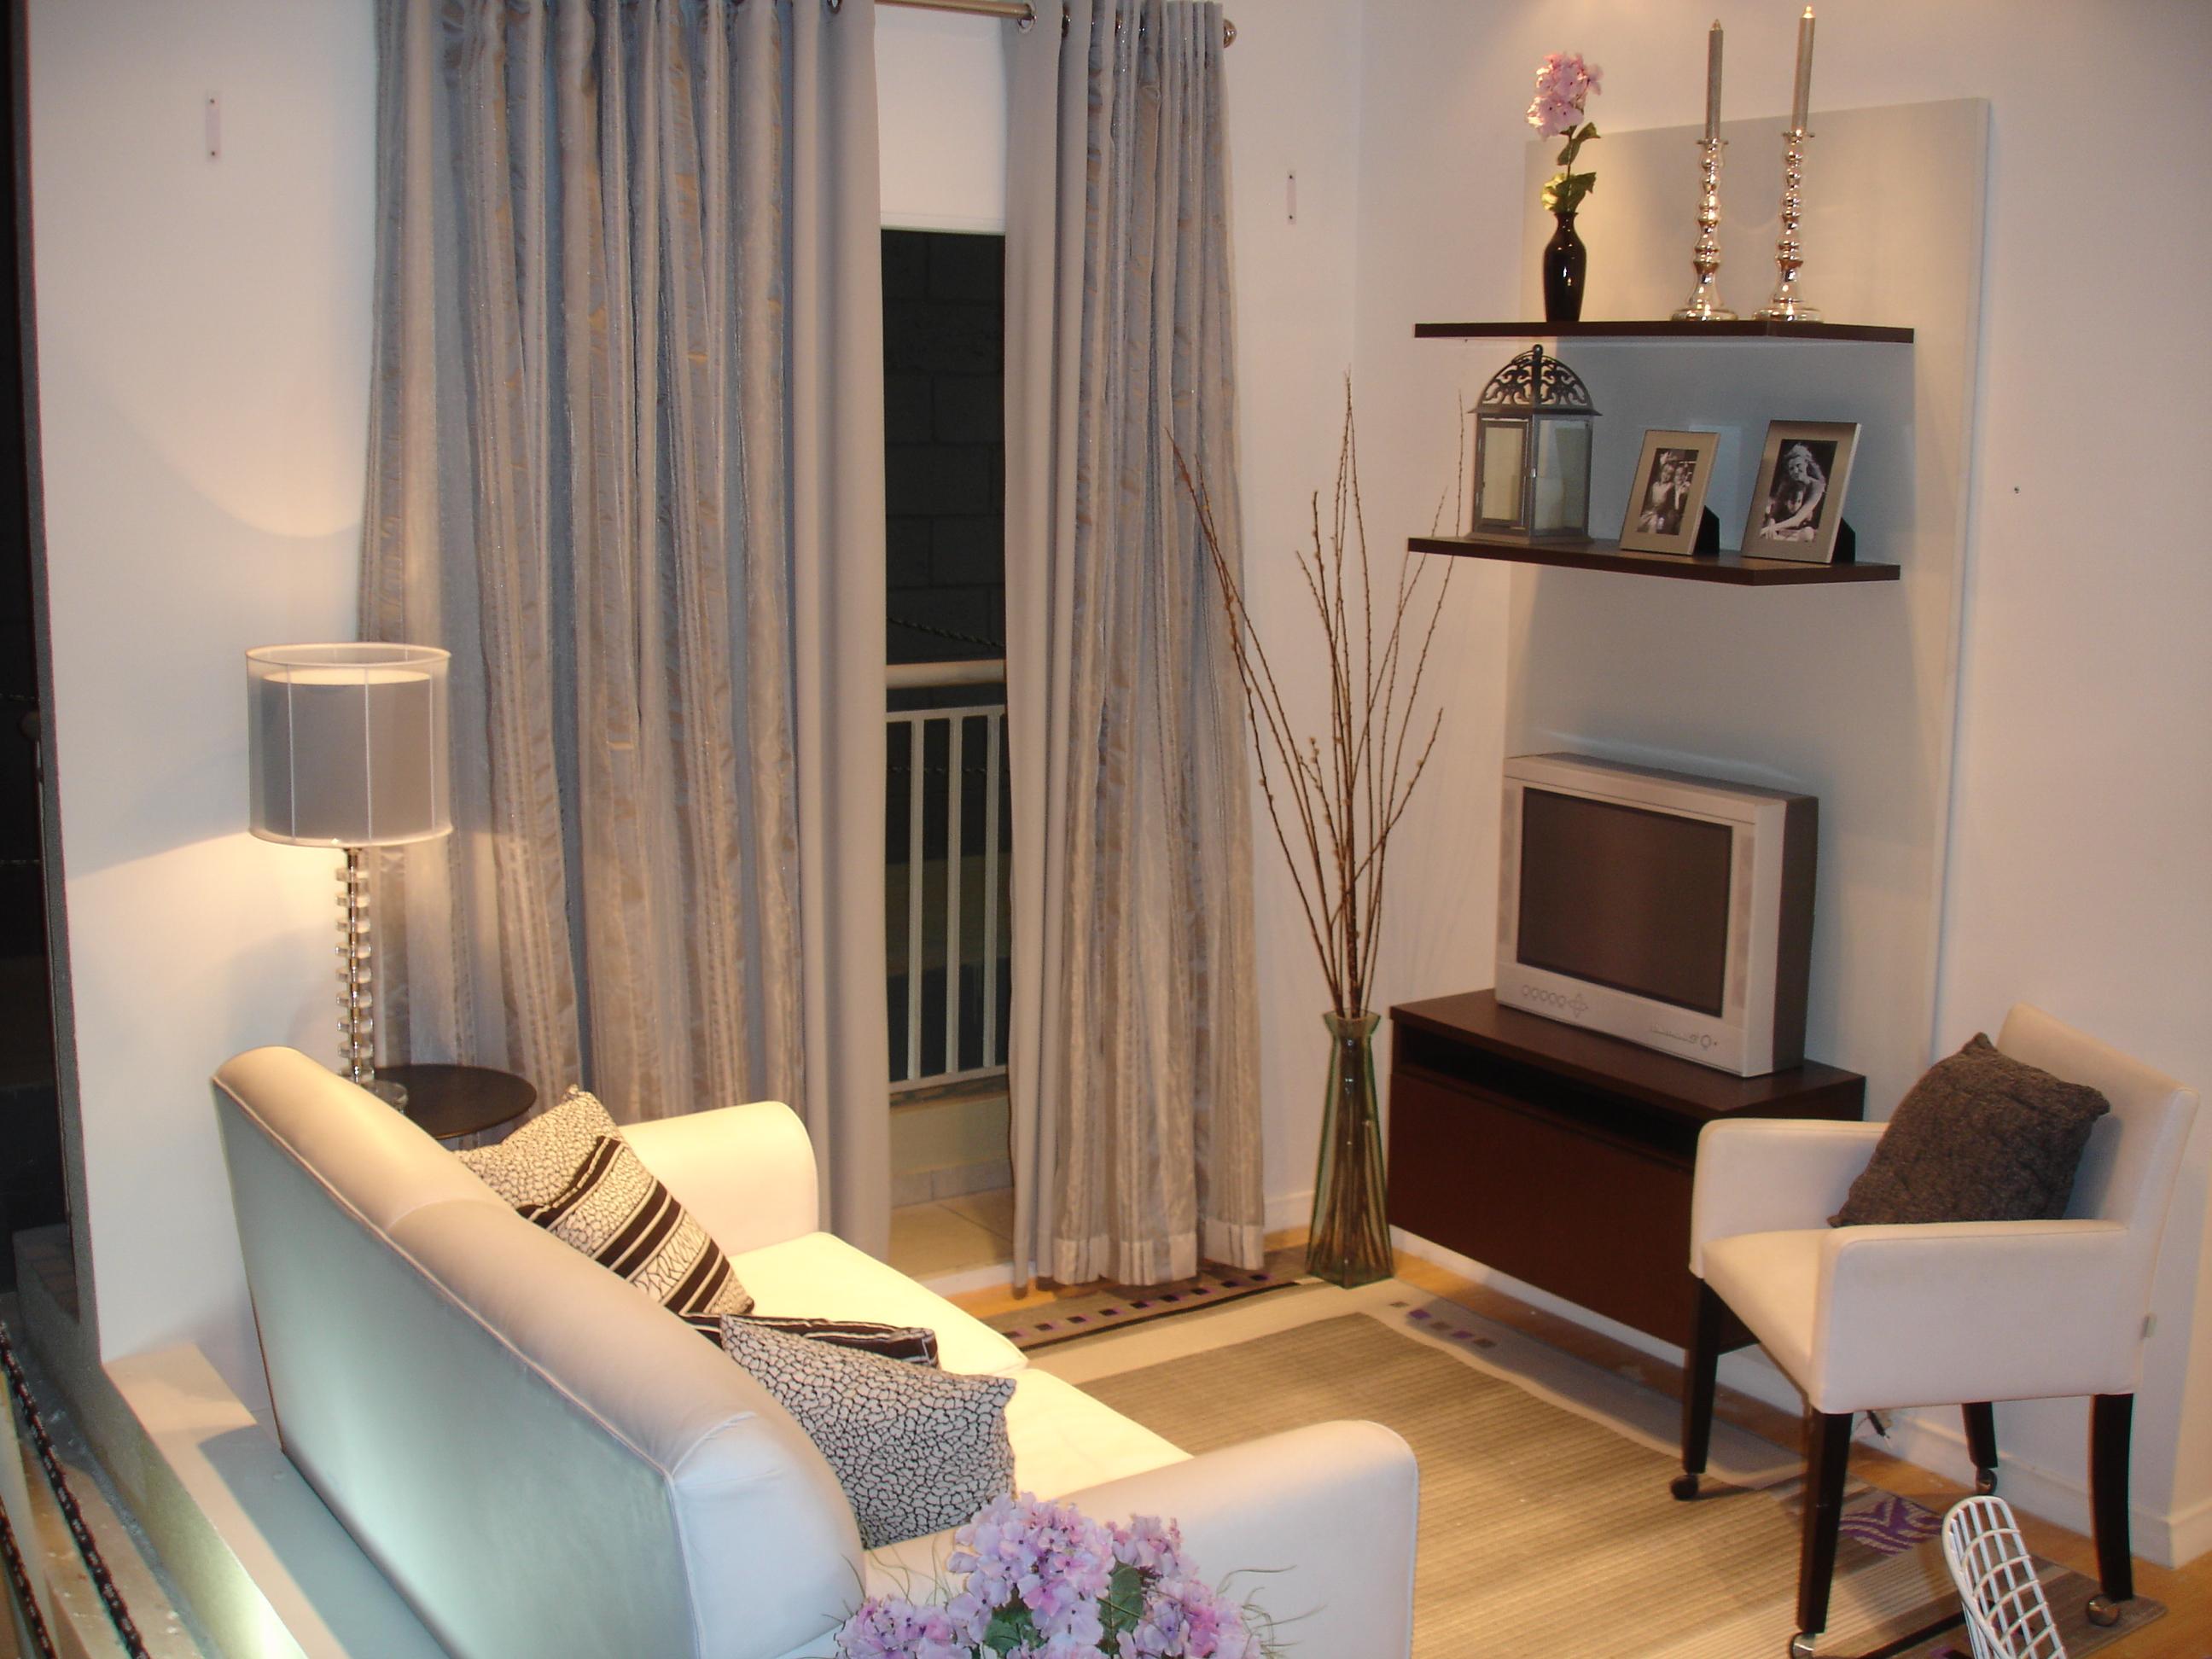 revista decoracao de interiores cortinas:Truques para fazer a decoração de espaços pequenos